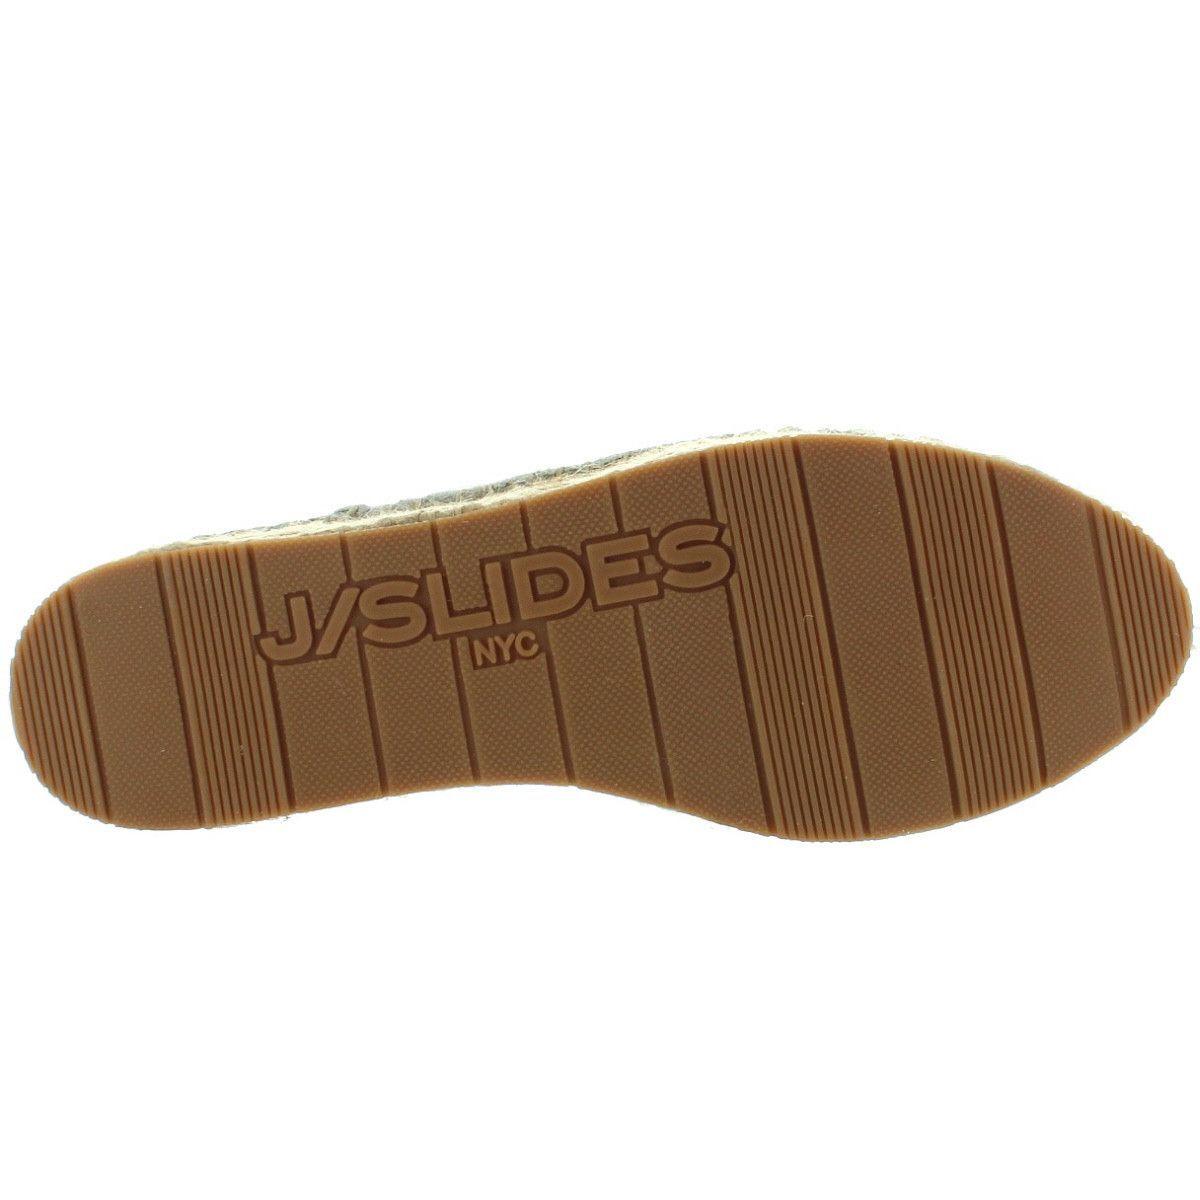 113483df07de2 JSlides Rileyy - White Leather Platform Espadrille Sneaker ...